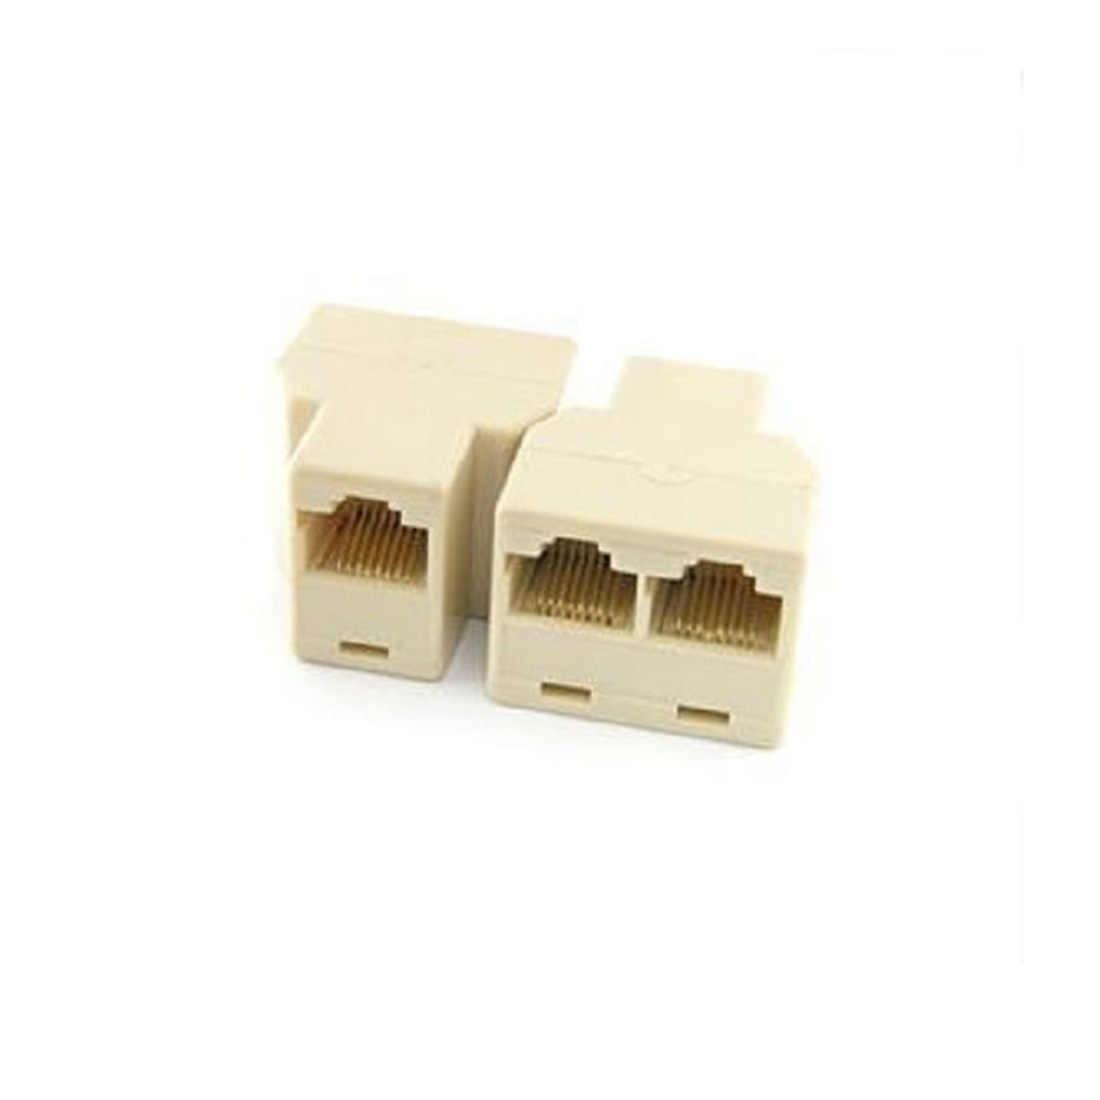 small resolution of hot rj45 ethernet cable lan port 1 to 2 socket splitter rj45 splitter connector cat5 lan